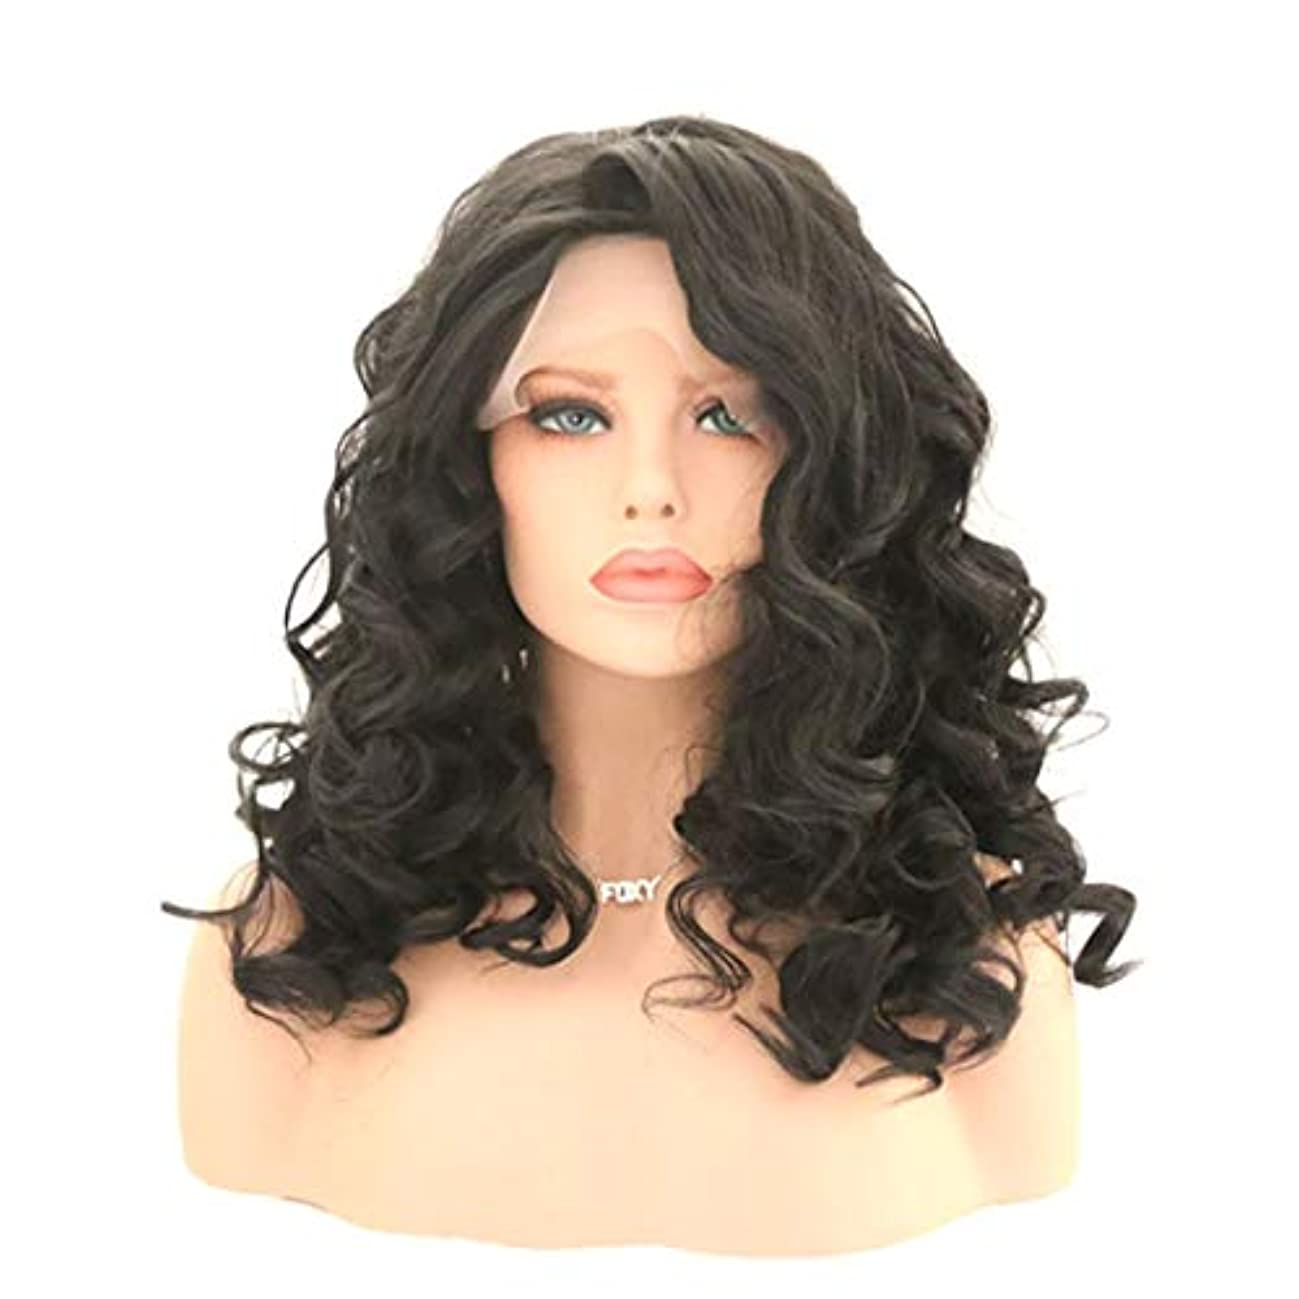 震えるつぶやき生息地Kerwinner 女性のためのカーリー波状かつら前髪付きかつら人工毛髪かつら自然なかつら (Size : 22 inches)